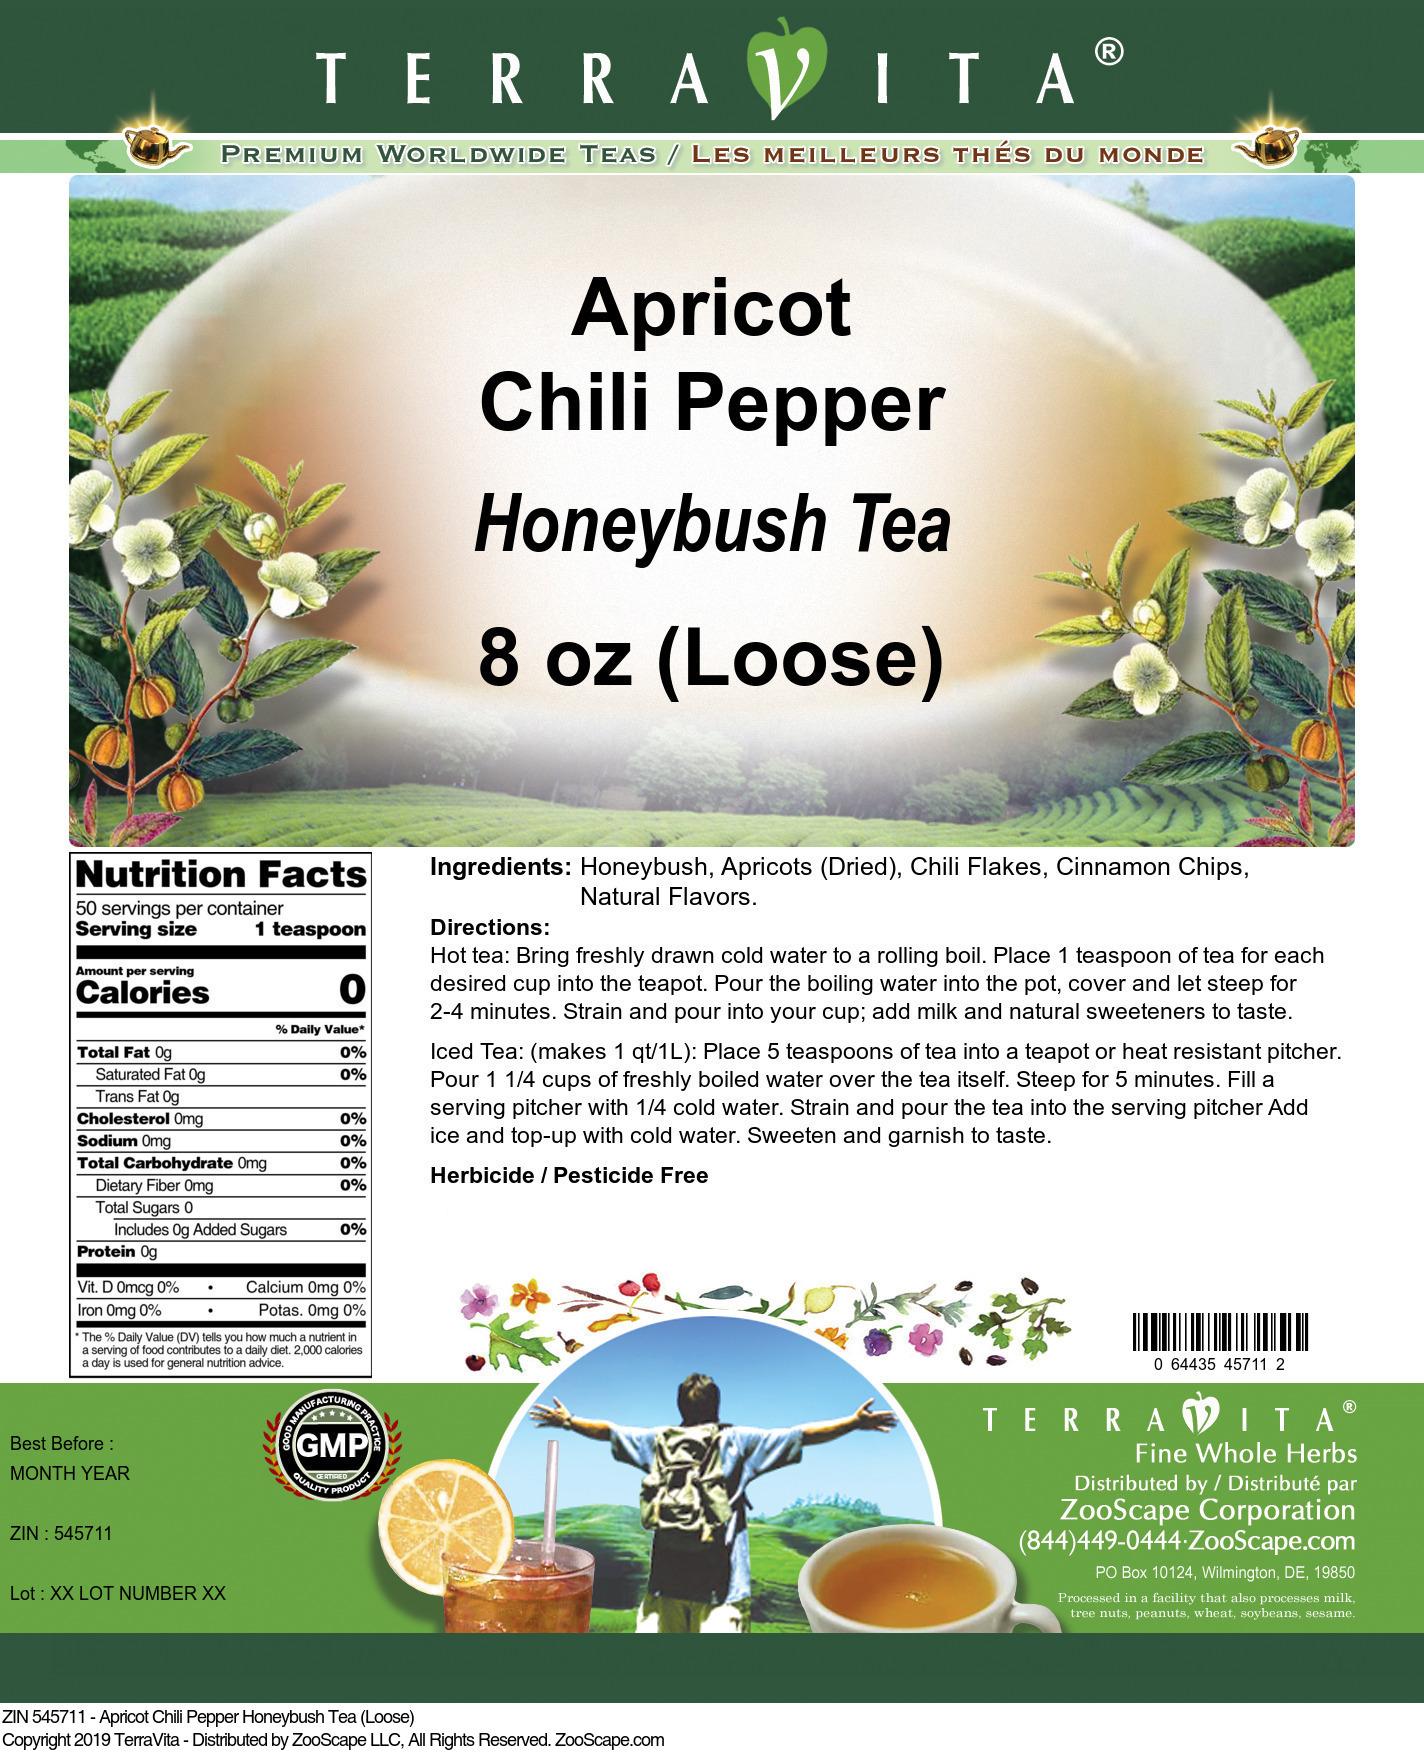 Apricot Chili Pepper Honeybush Tea